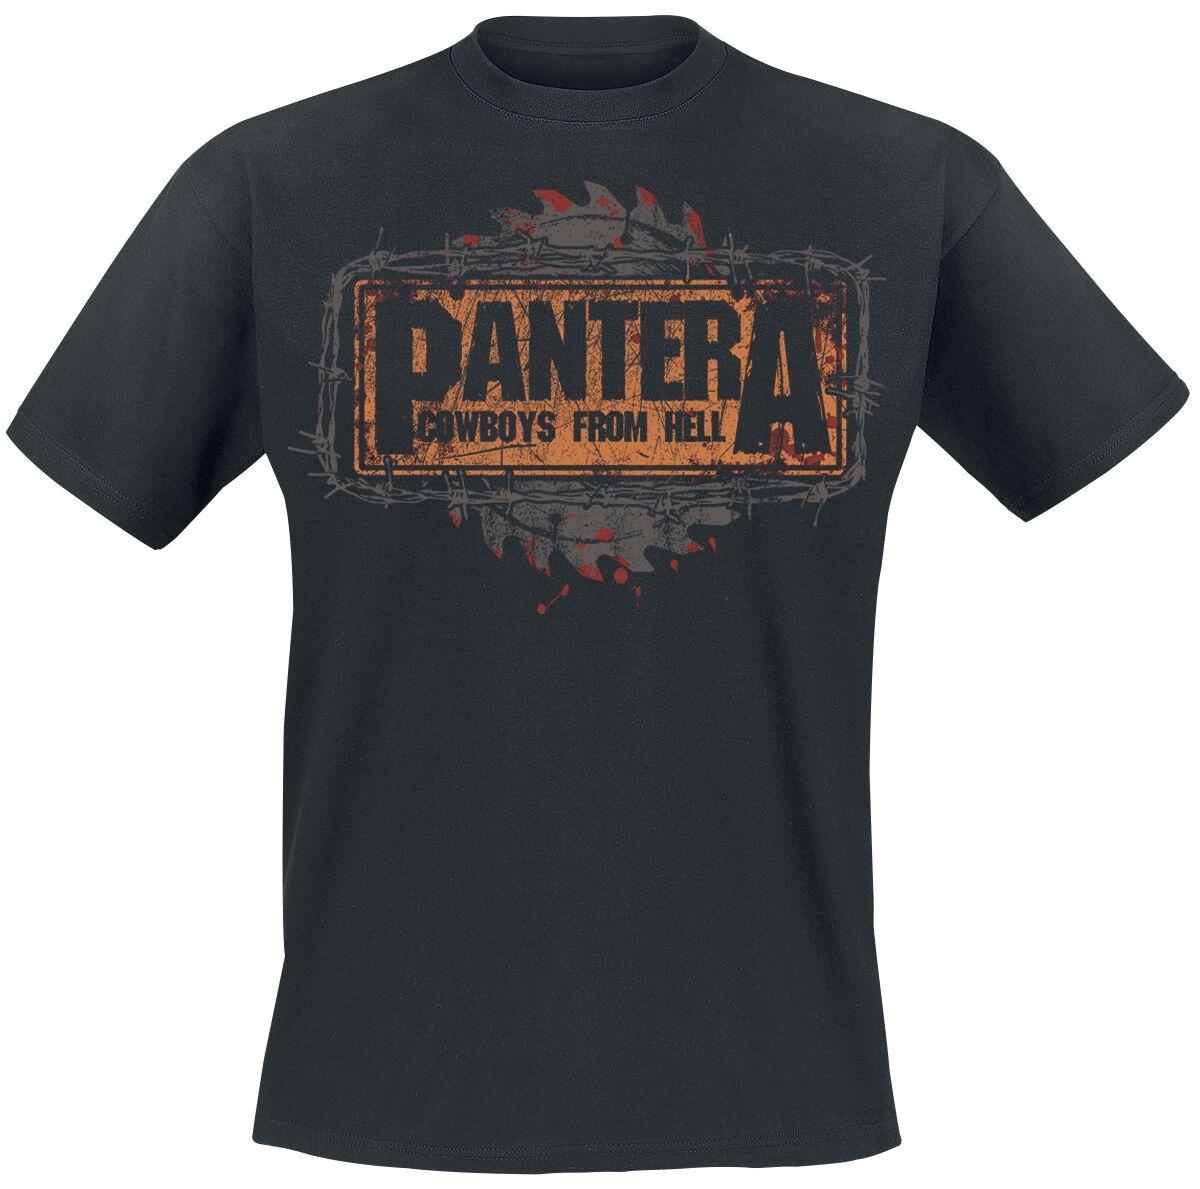 Zespoły - Koszulki - T-Shirt Pantera Cowboys From Hell Buzz Saw T-Shirt czarny - 367308